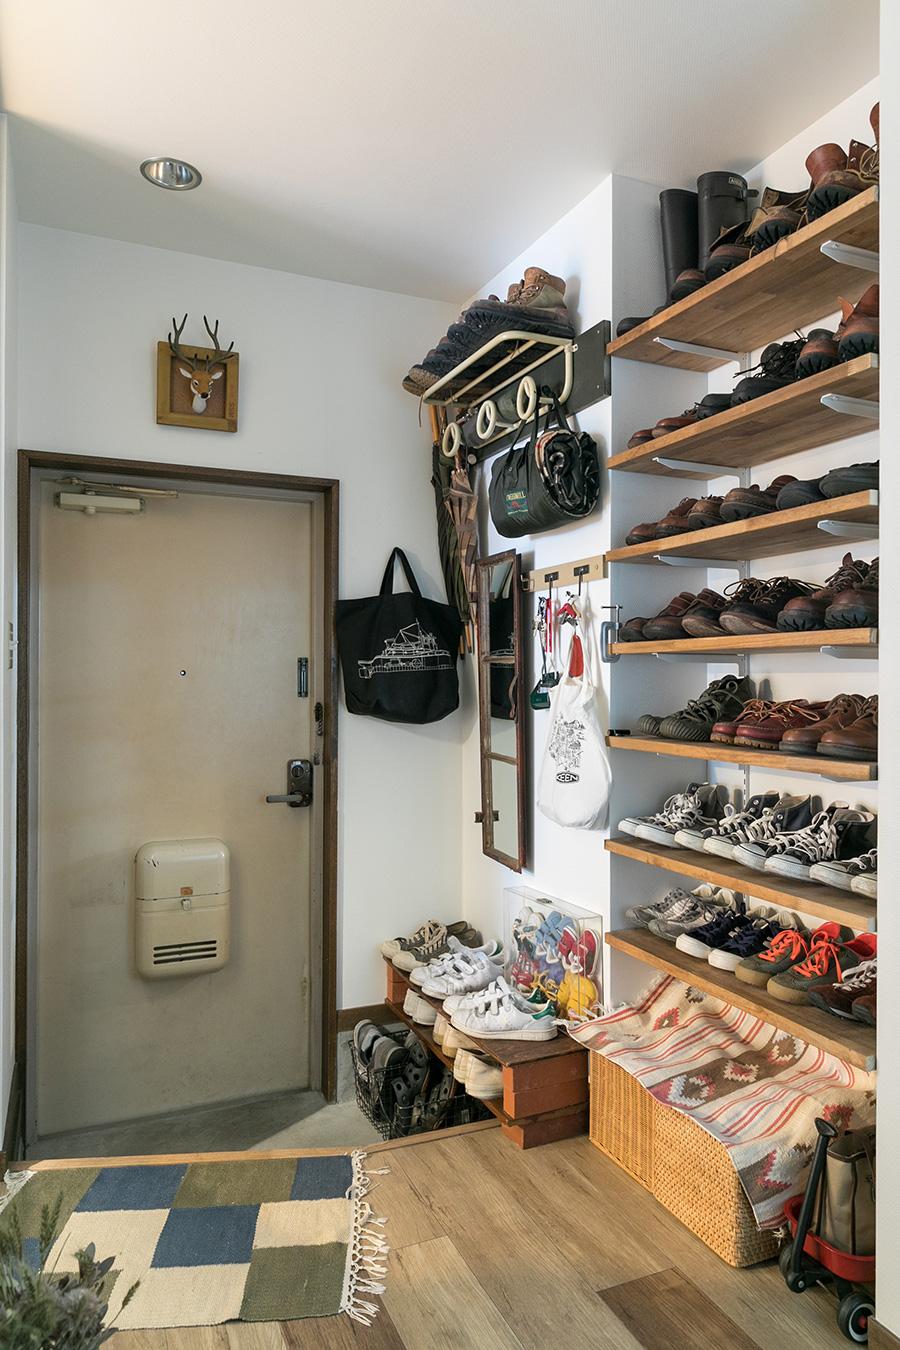 靴はディスプレイを兼ねてオープンな棚に収納。